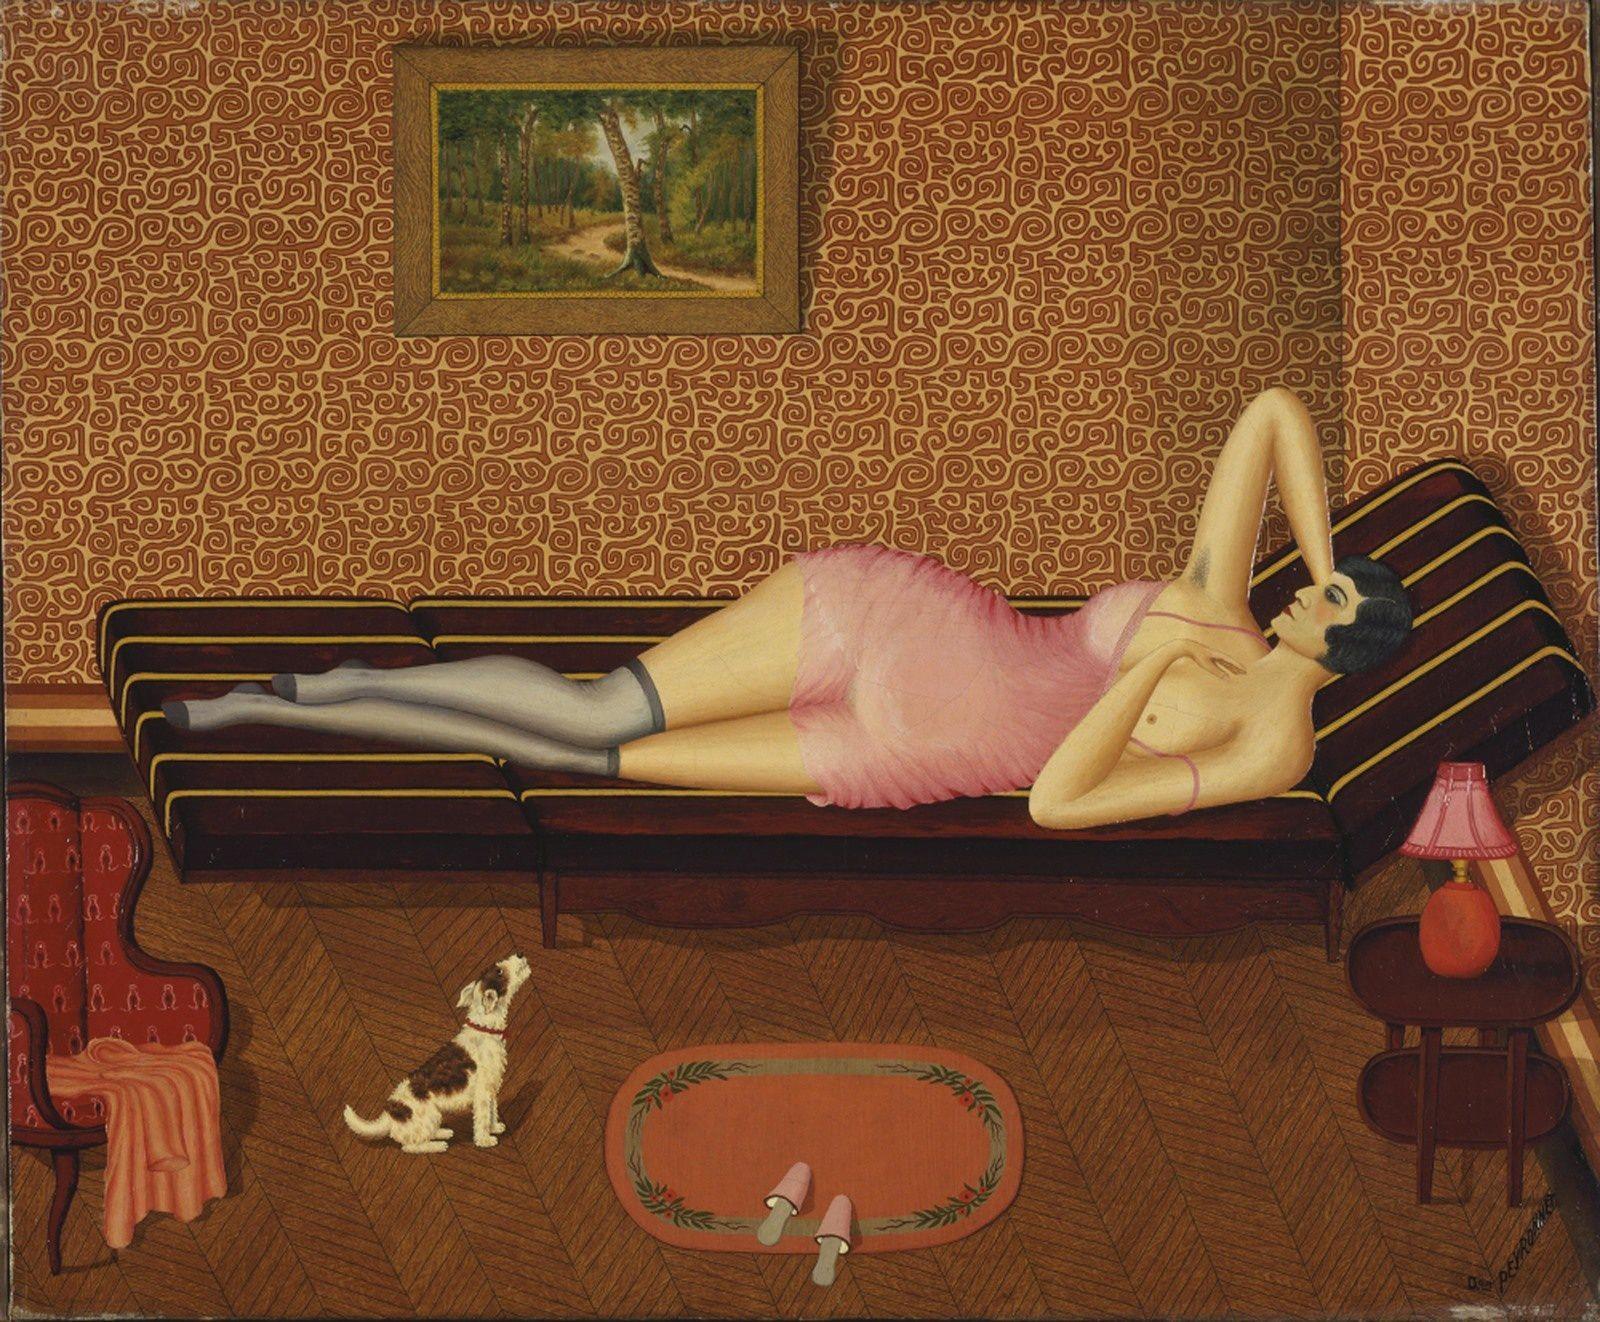 """""""Sieste estivale"""", 1933, de Dominique PEYRONNET - Musée d'Art et d'Archéologie, Senlis Photo © Centre Pompidou, MNAM-CCI, Dist. RMN-Grand Palais / Jacqueline Hyde"""